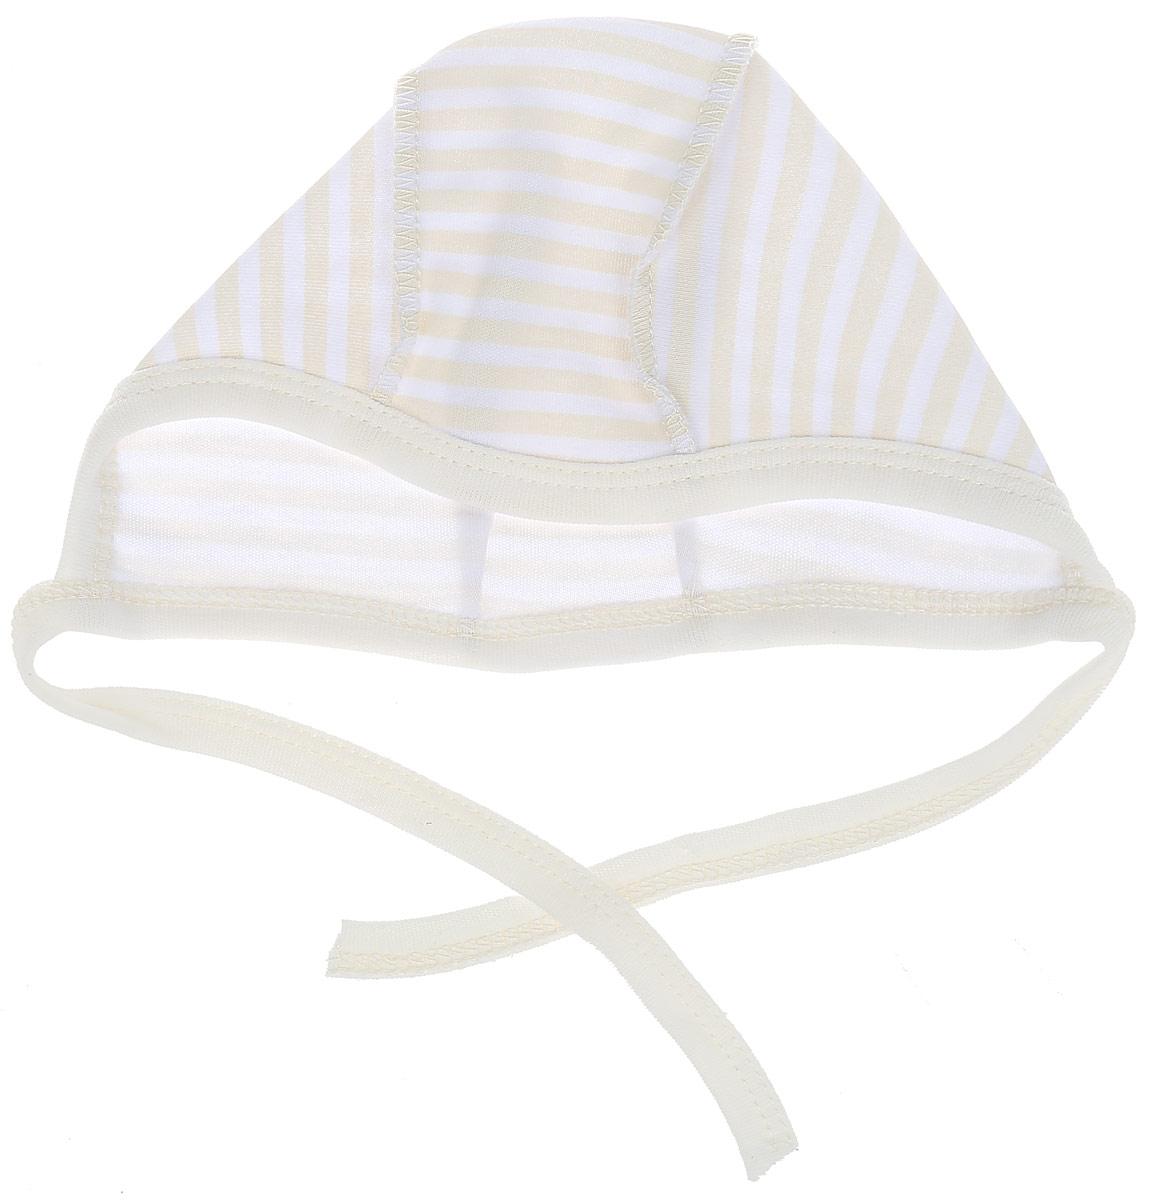 Чепчик детский КотМарКот, цвет: бежевый, желтый. 8267. Размер 48, 9-12 месяцев чепчик для девочки котмаркот цвет желтый 8262 размер 48 6 12 месяцев